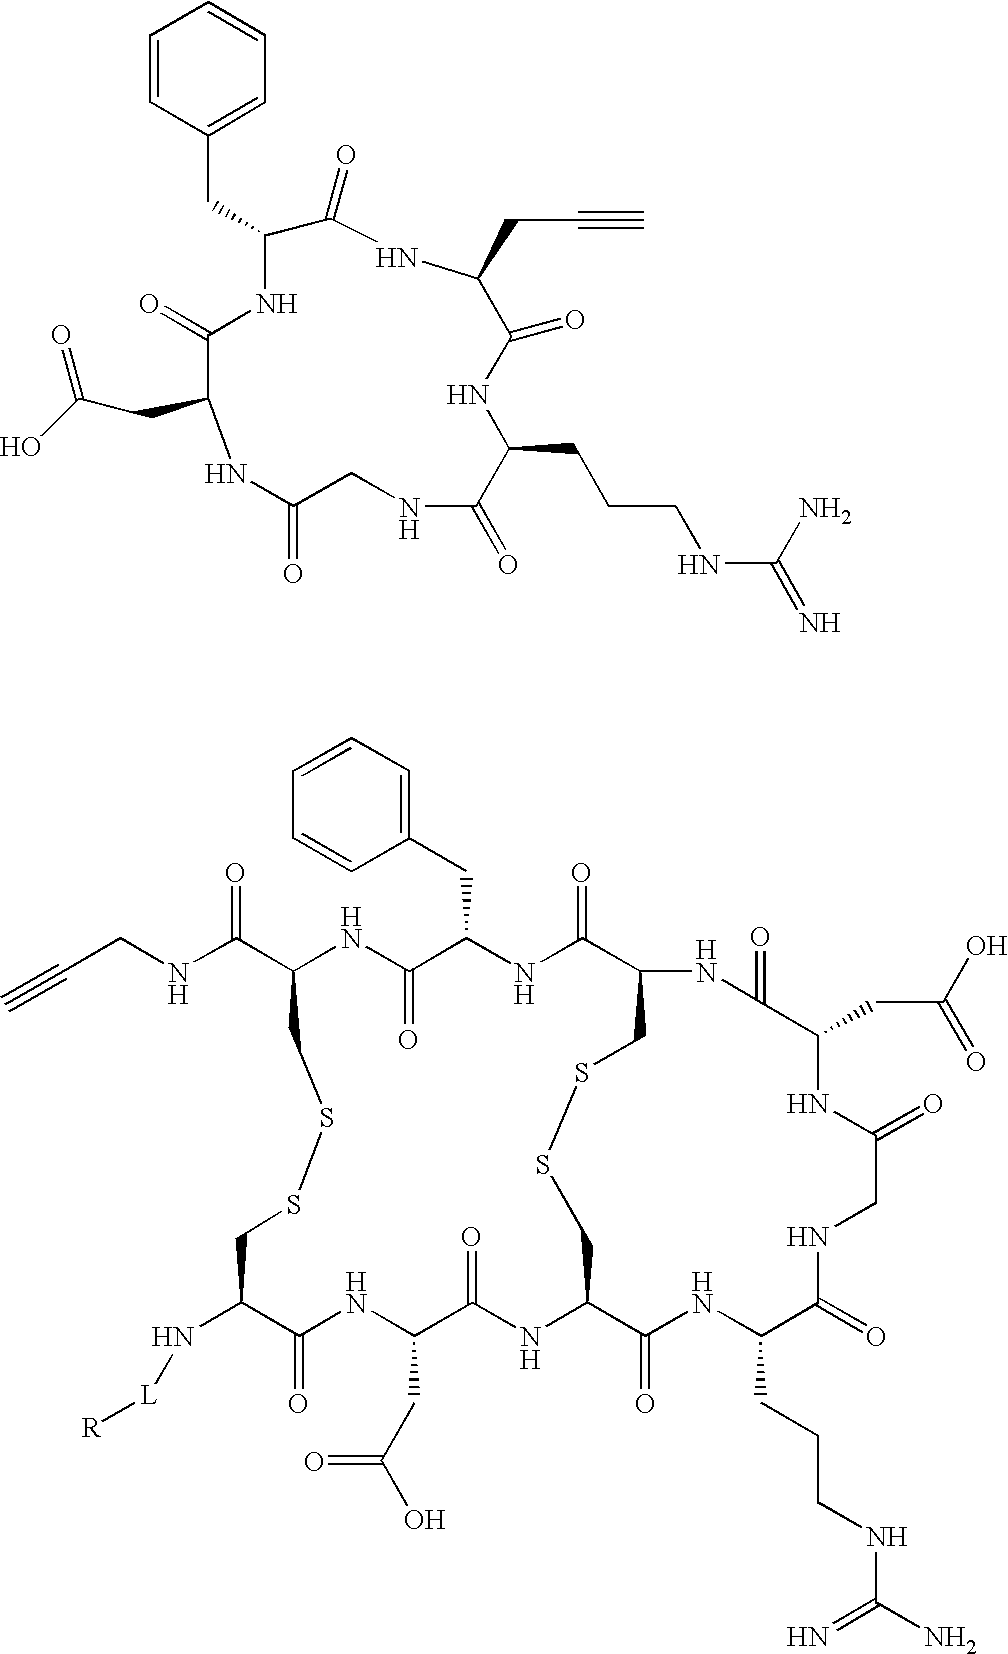 Figure US20090110662A1-20090430-C00020